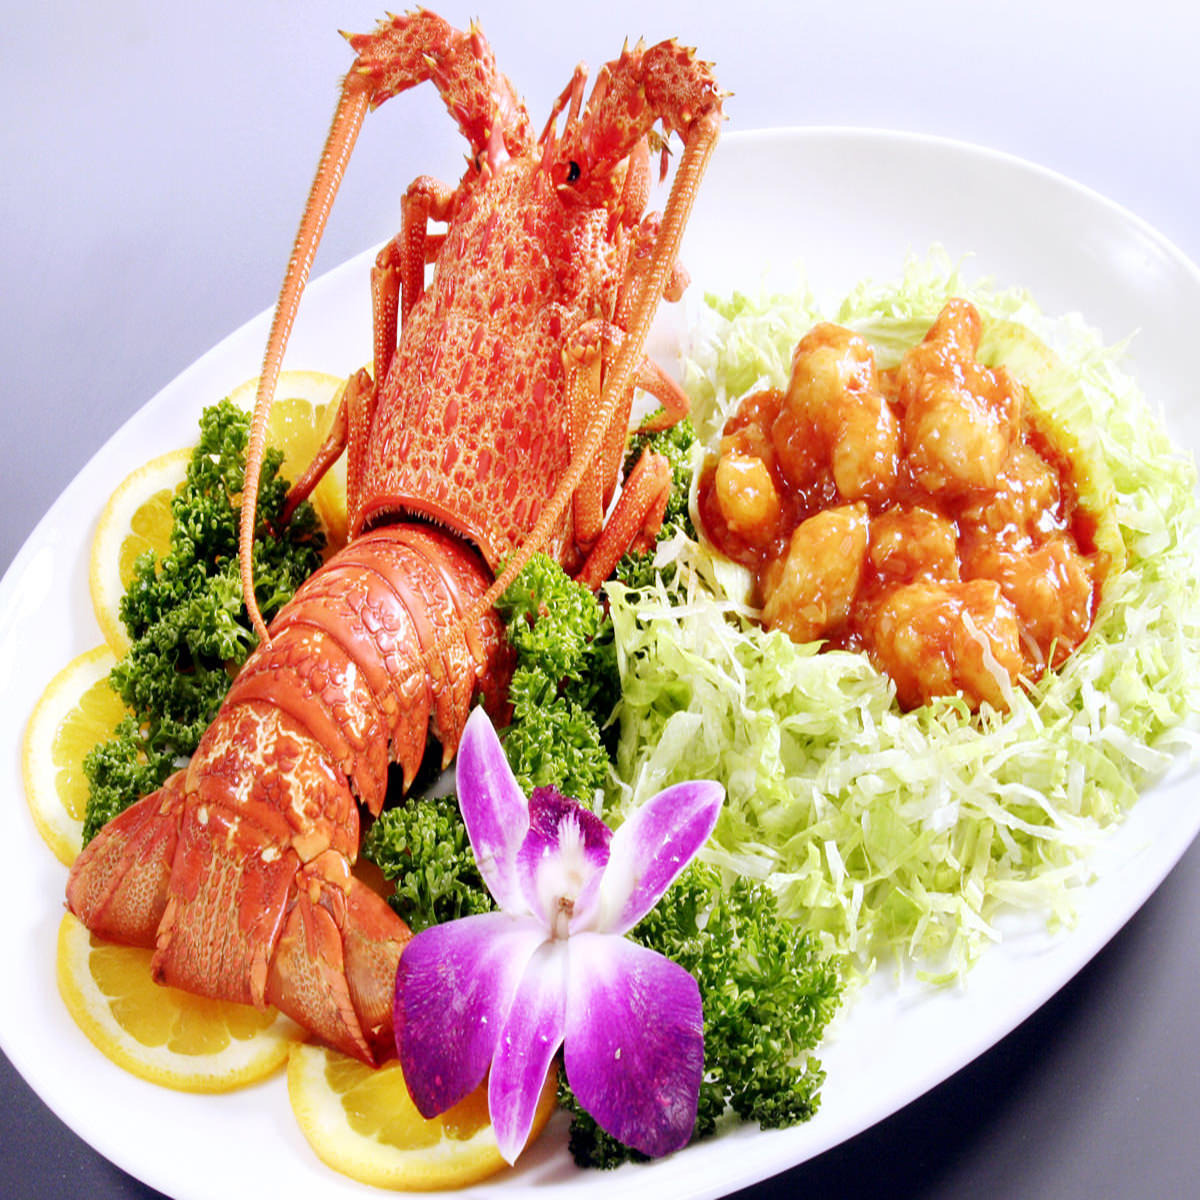 海鮮食材など高級食材を使用